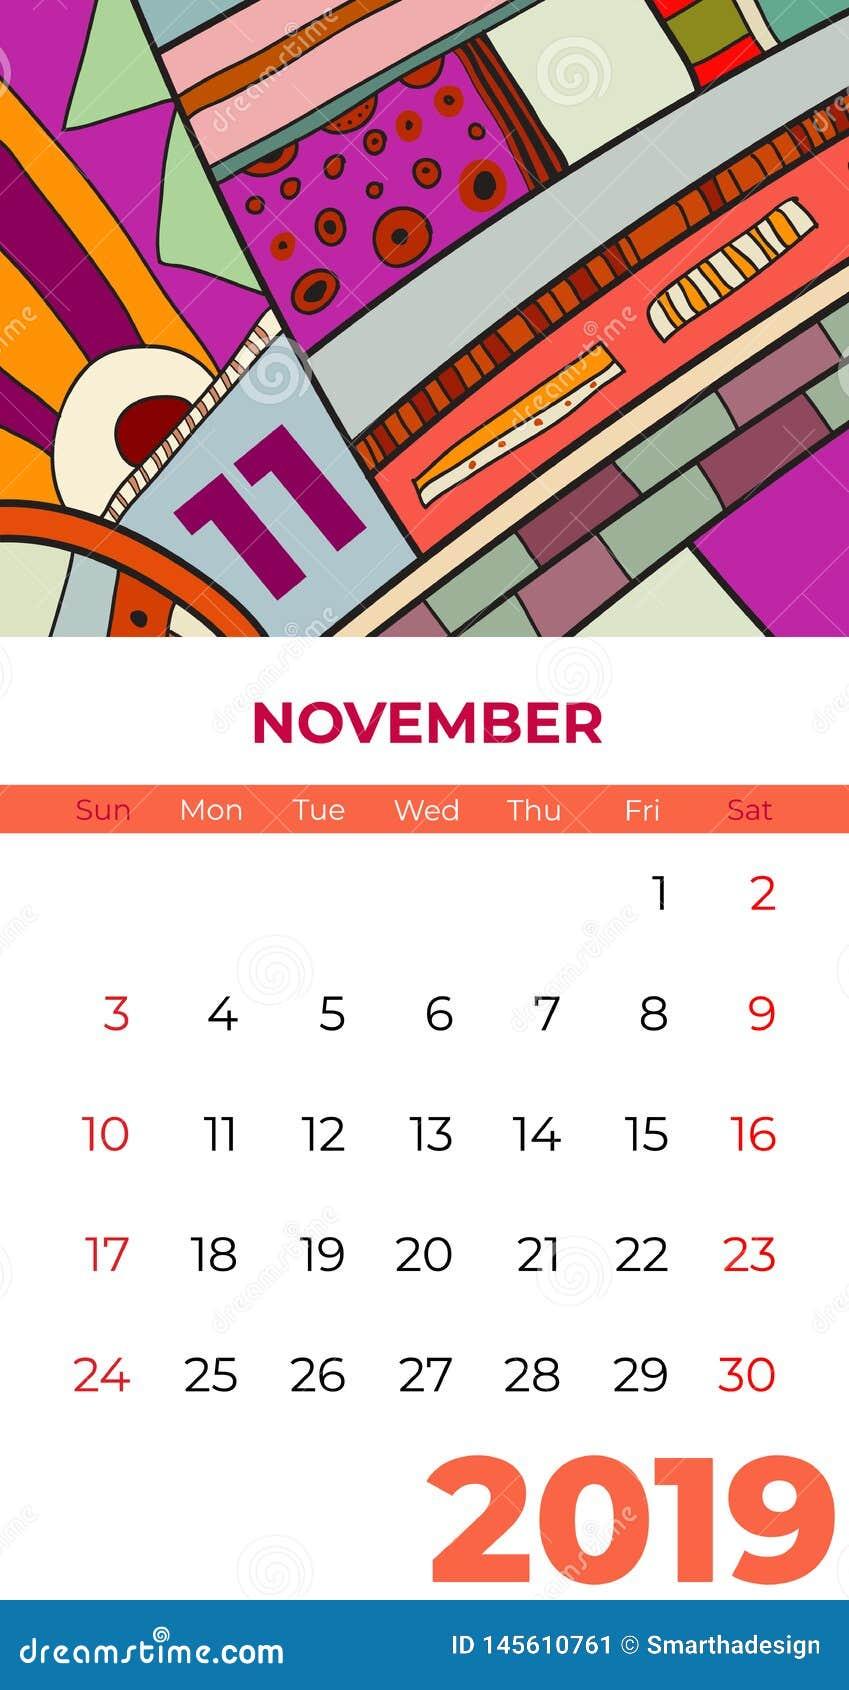 2019 vektor f?r samtida konst f?r November kalender abstrakt Skrivbord sk?rm, skrivbords- m?nad 11,2019, f?rgrik kalendermall 201